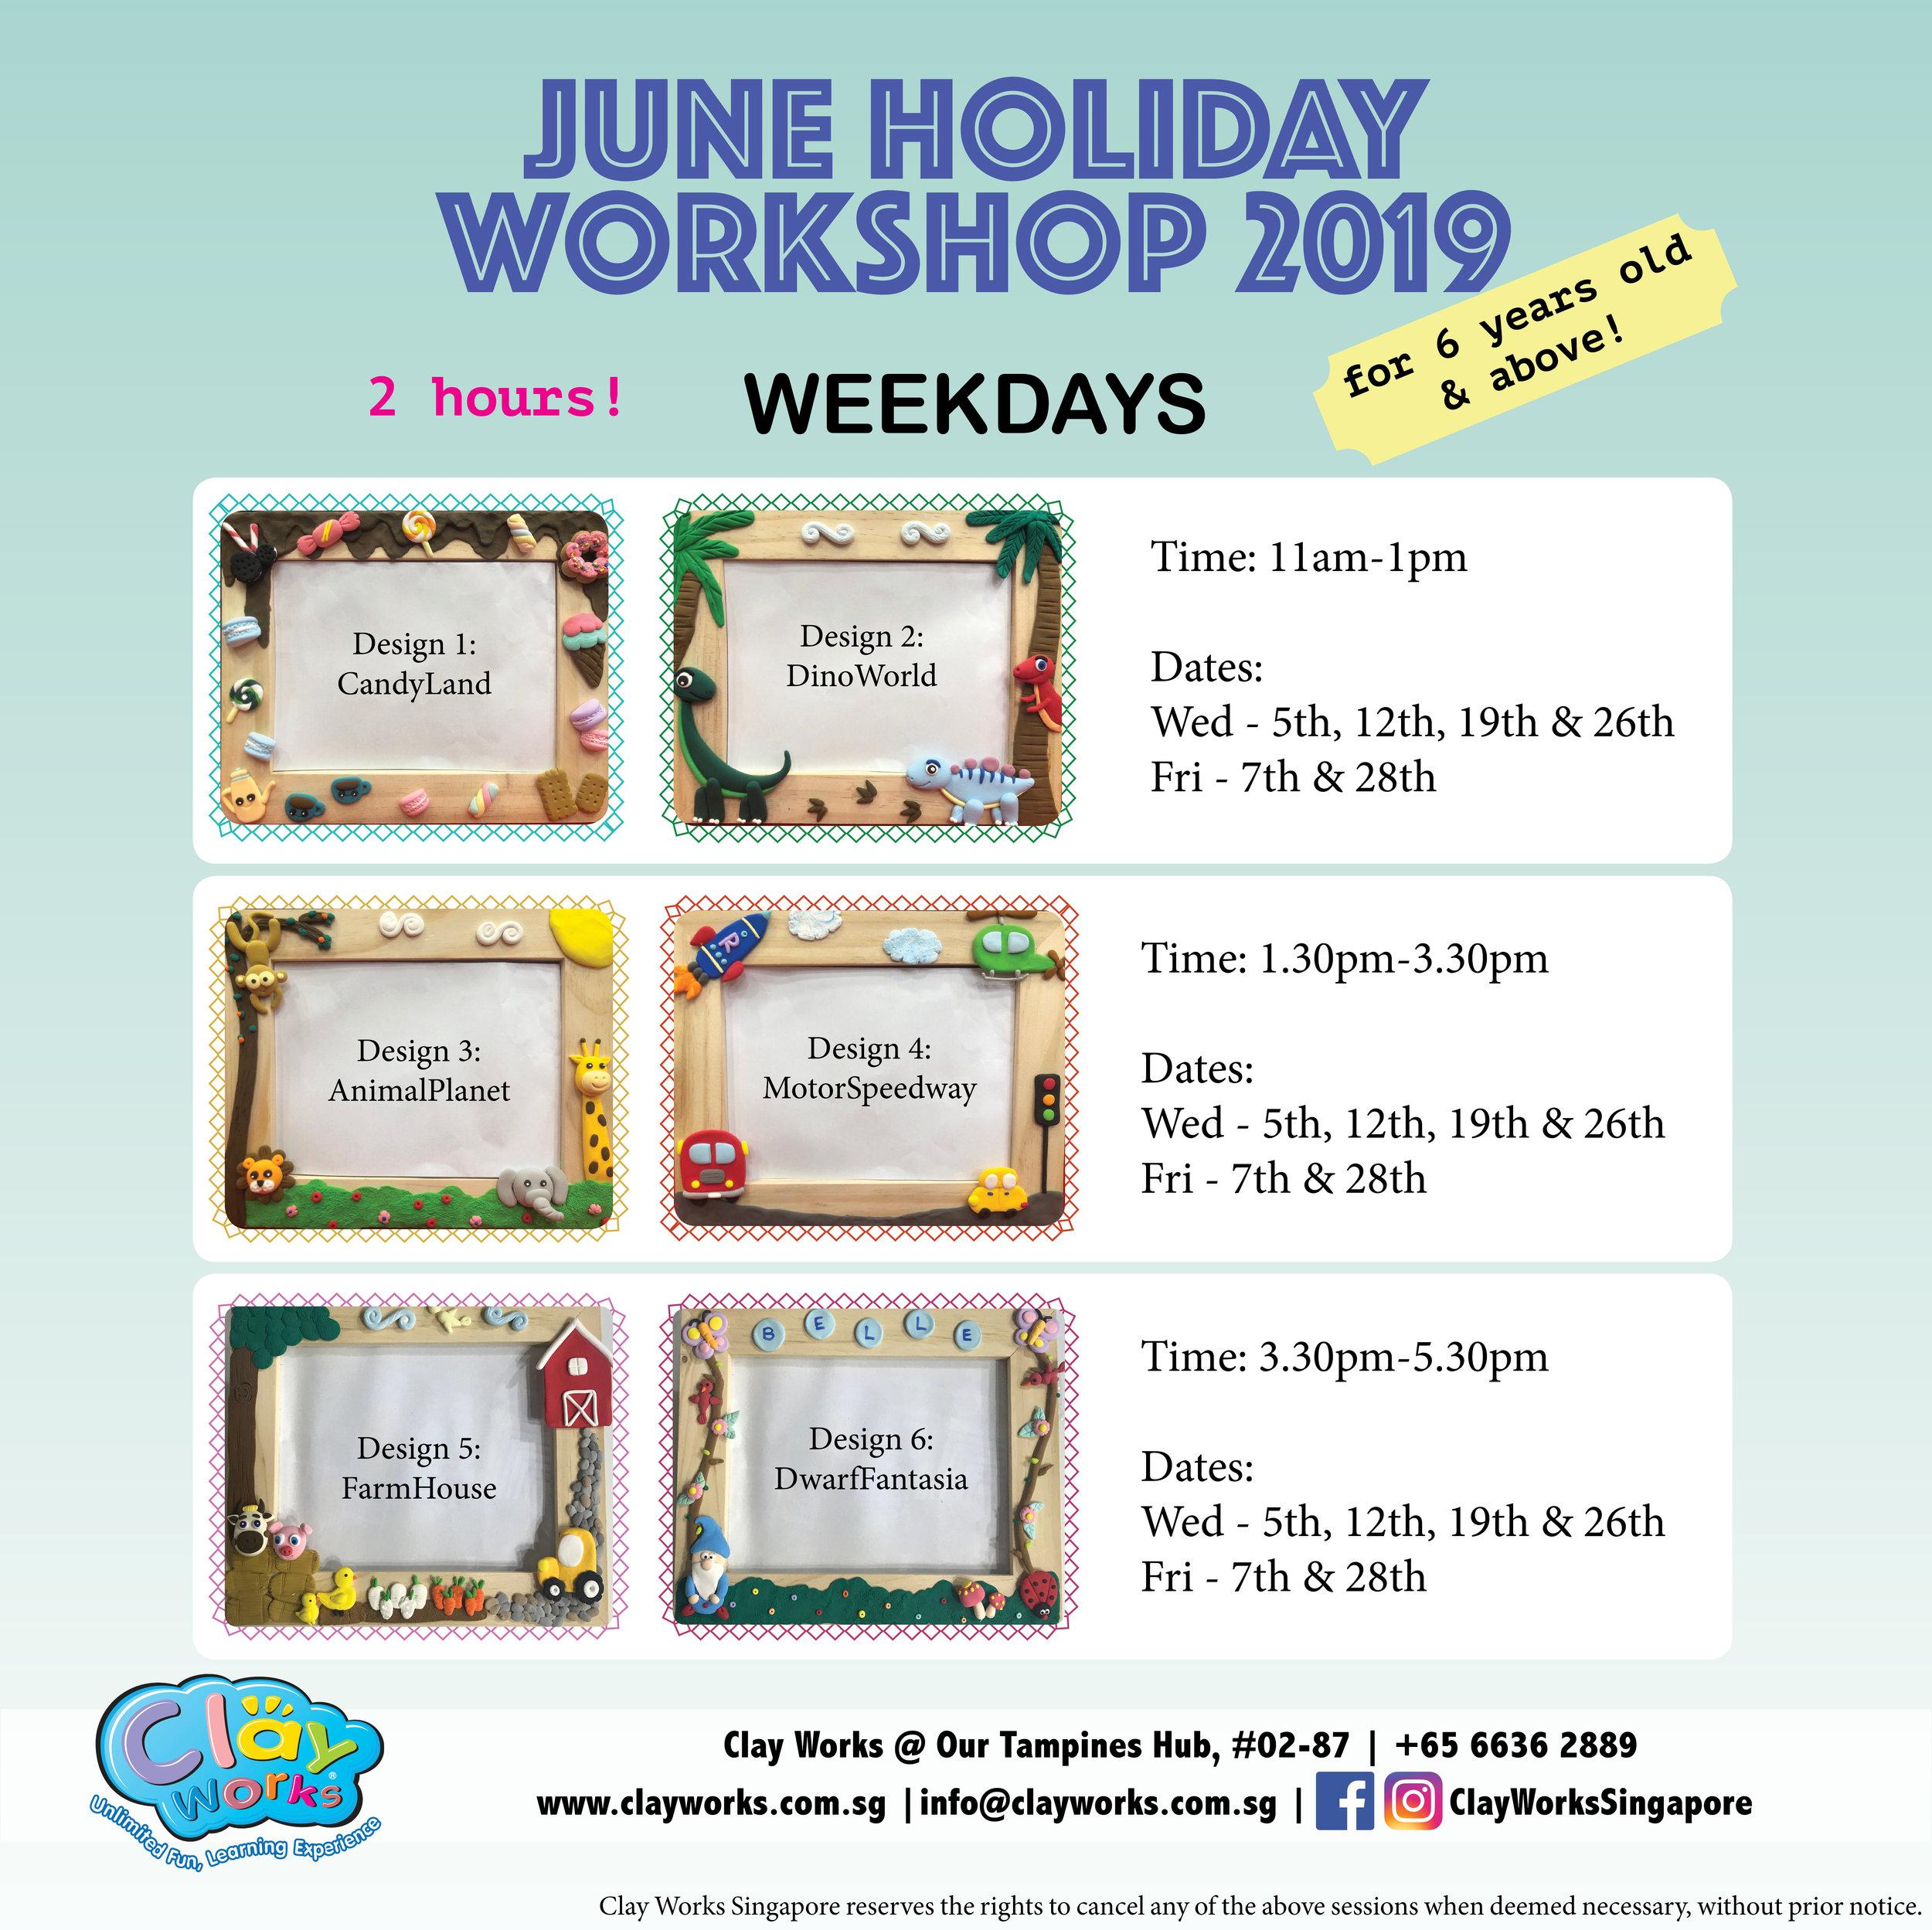 June Holiday Workshop_weekdays.jpg